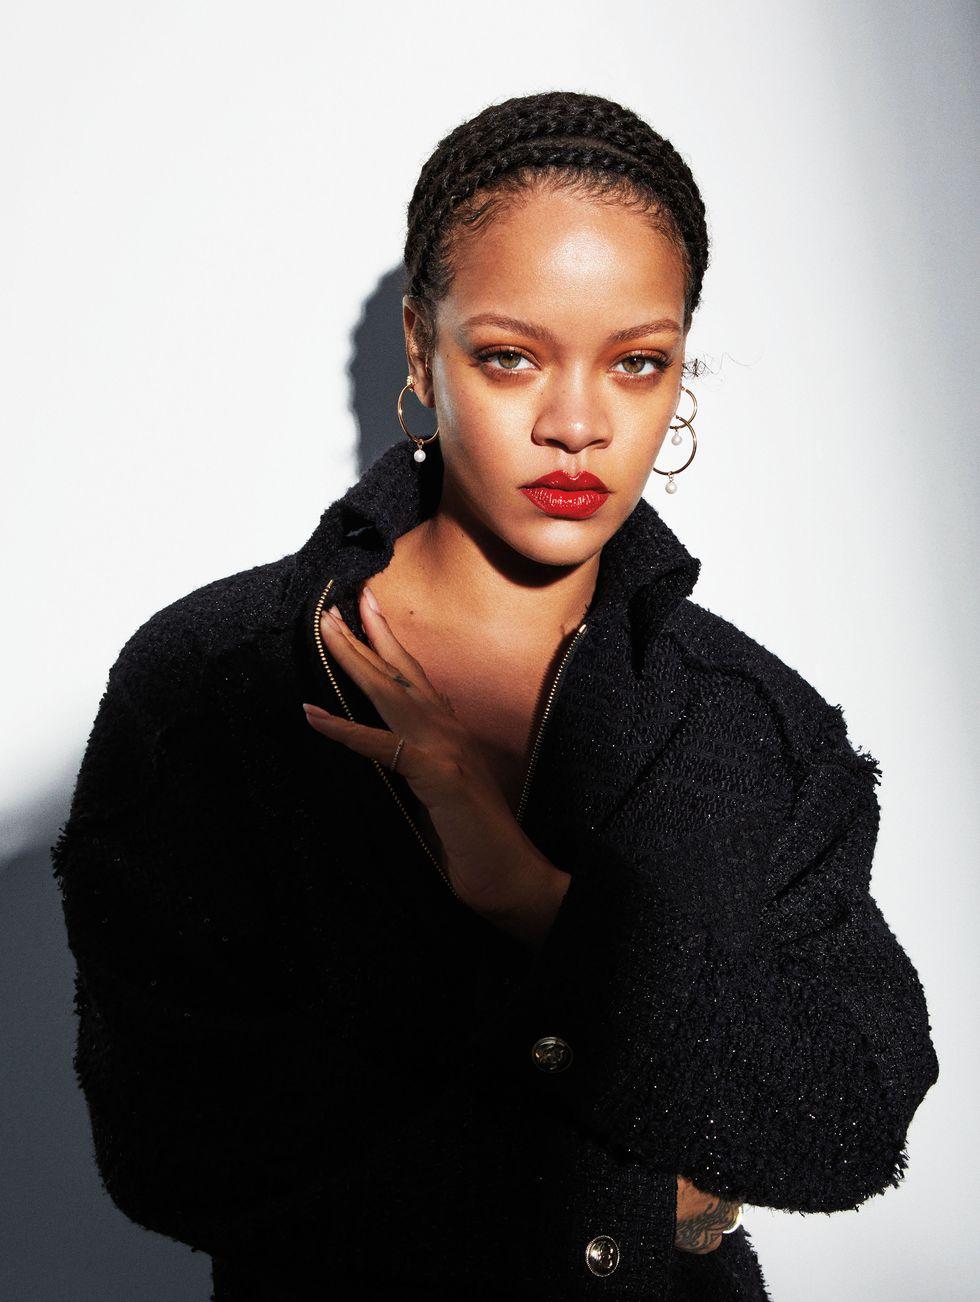 Rihanna  - Σελίδα 7 Hbz-september-2020-rihanna-01-1596039152